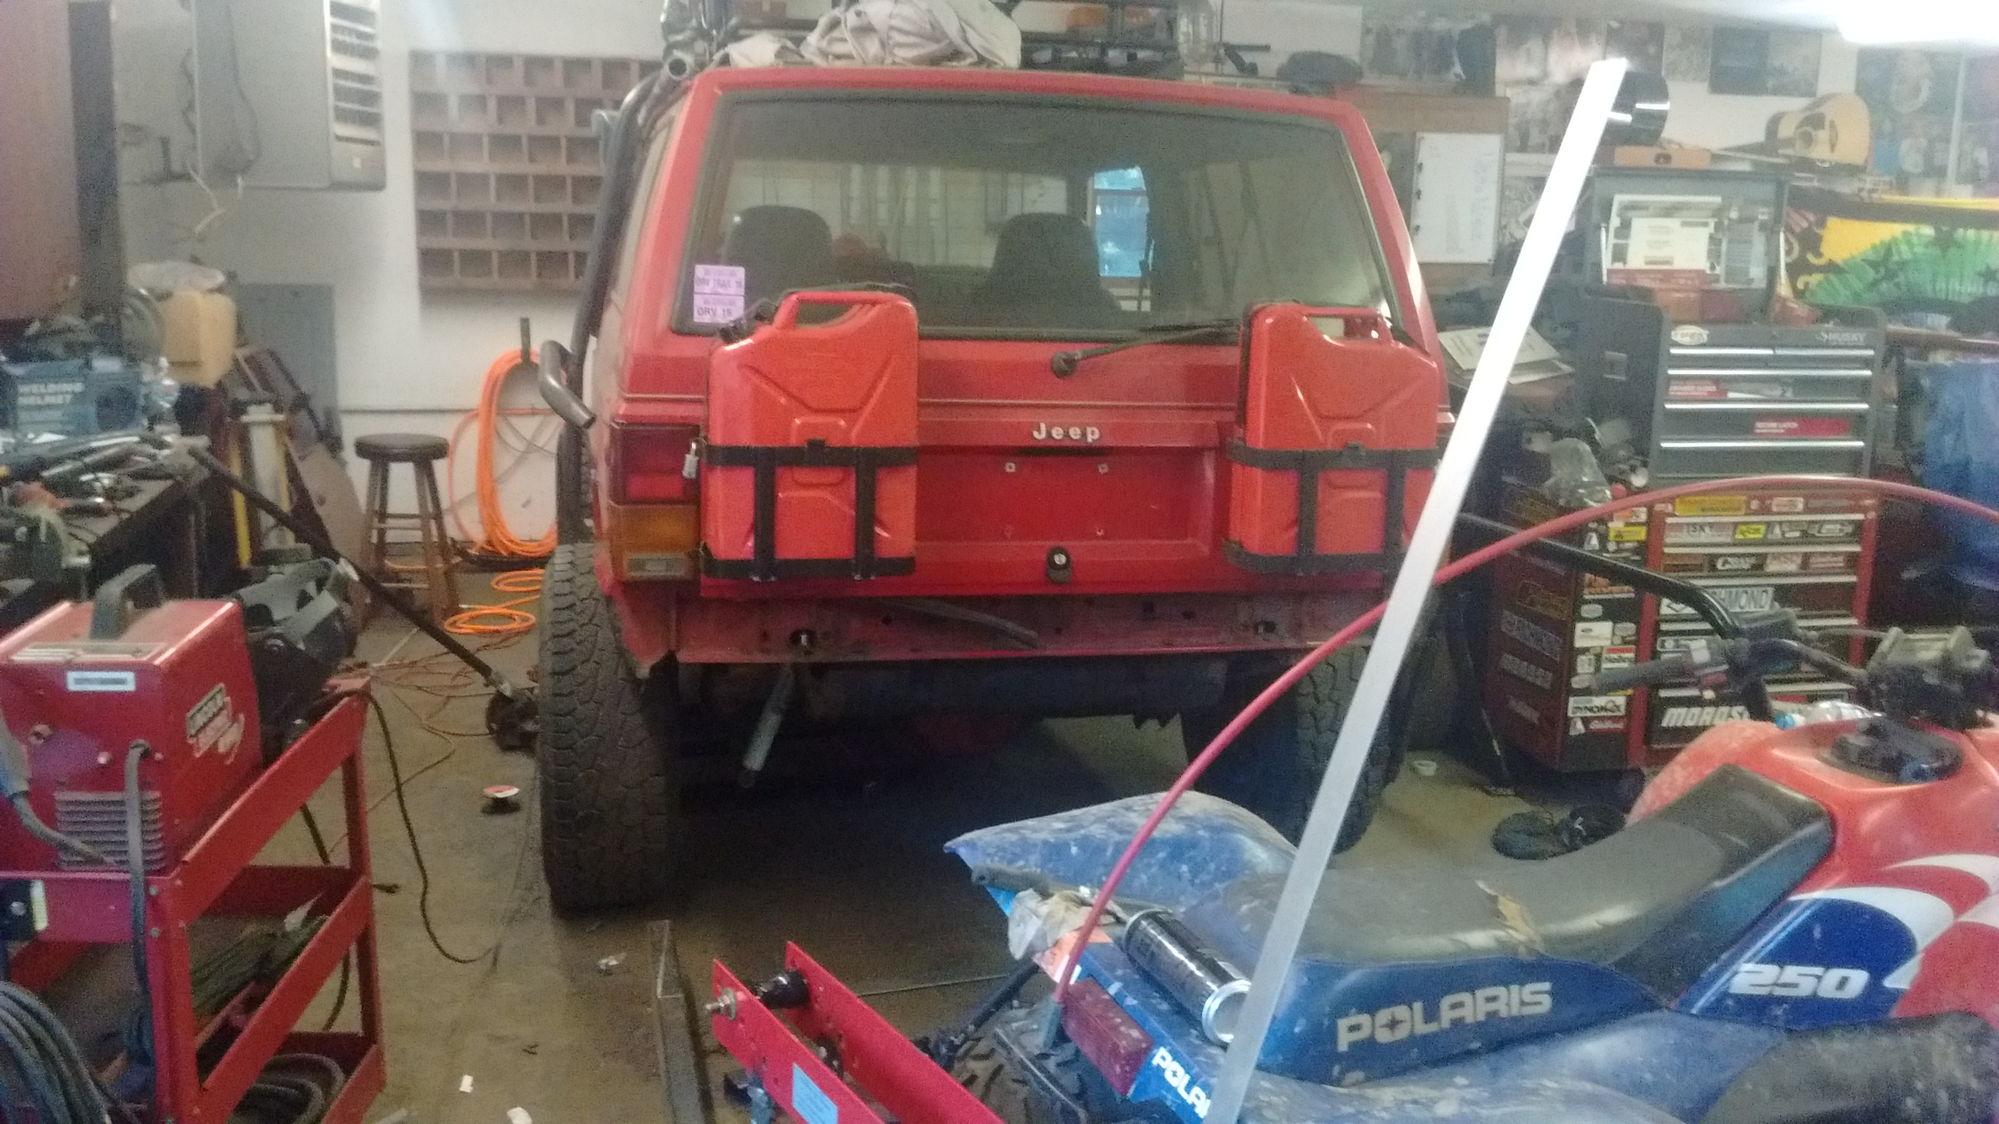 Img C E C C Fd Ca D C Ed Bf Dc on 1995 Jeep Cherokee Cut Top